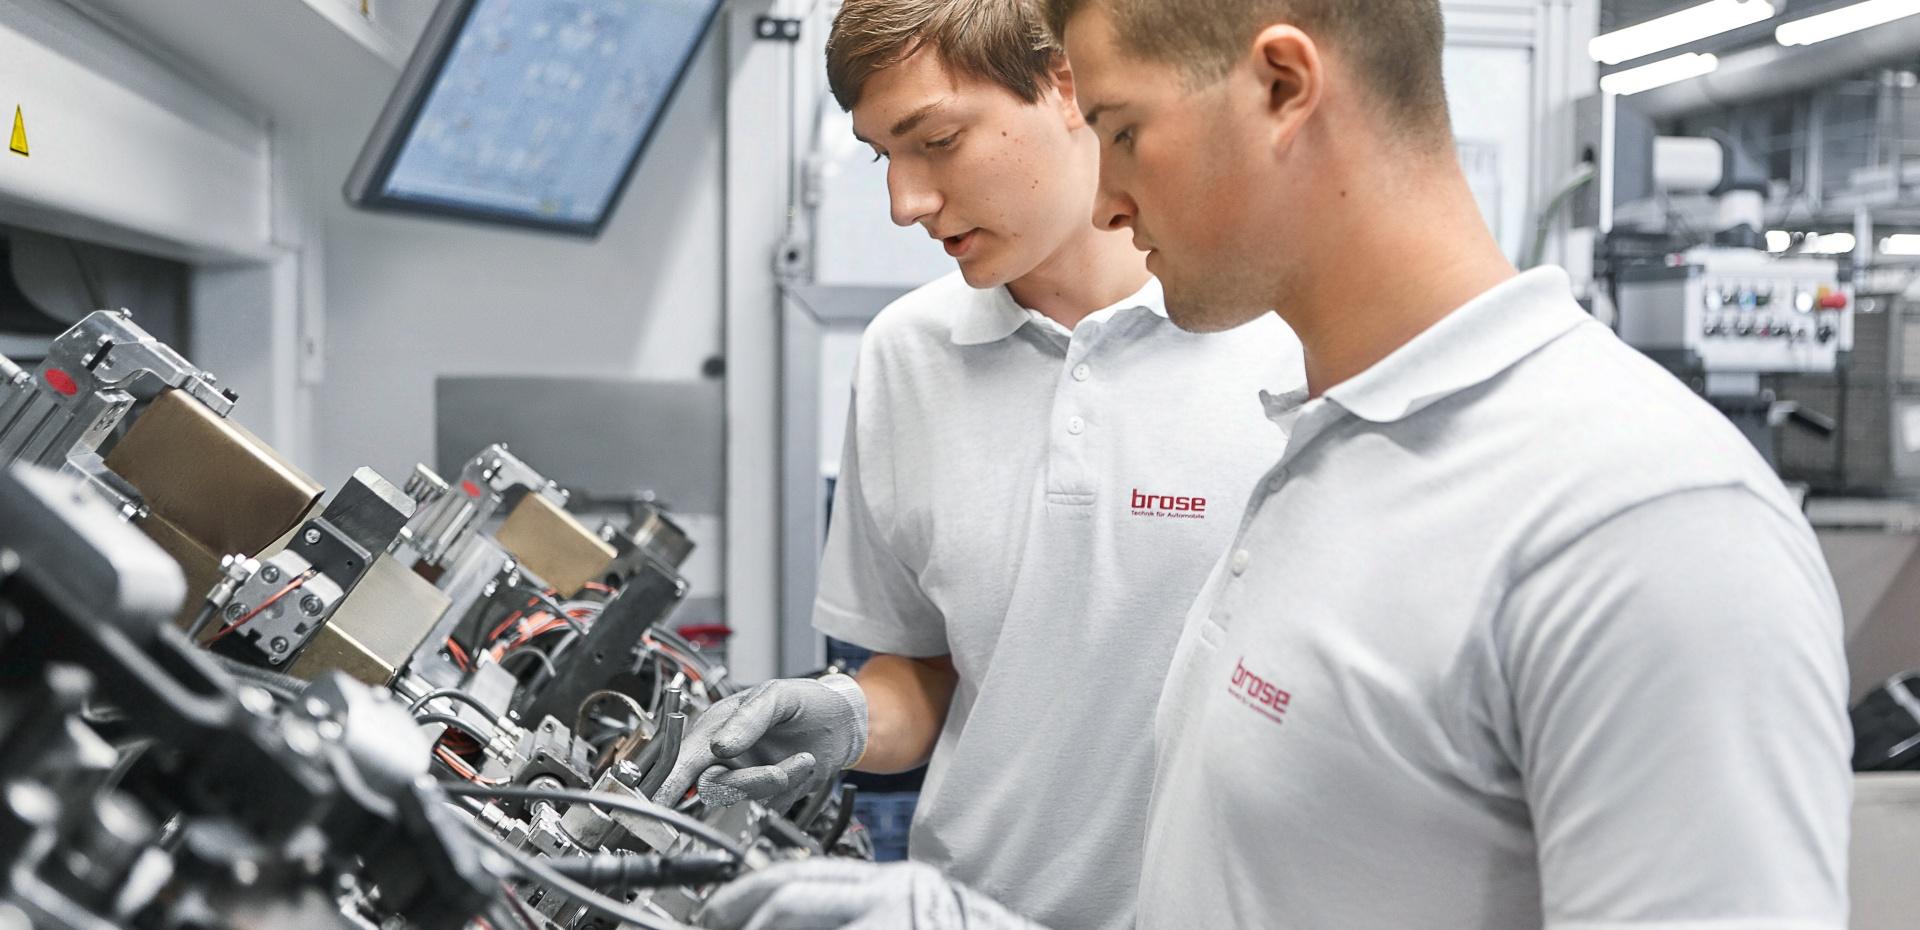 Brose Slowakei Mechanic of machines and equipment